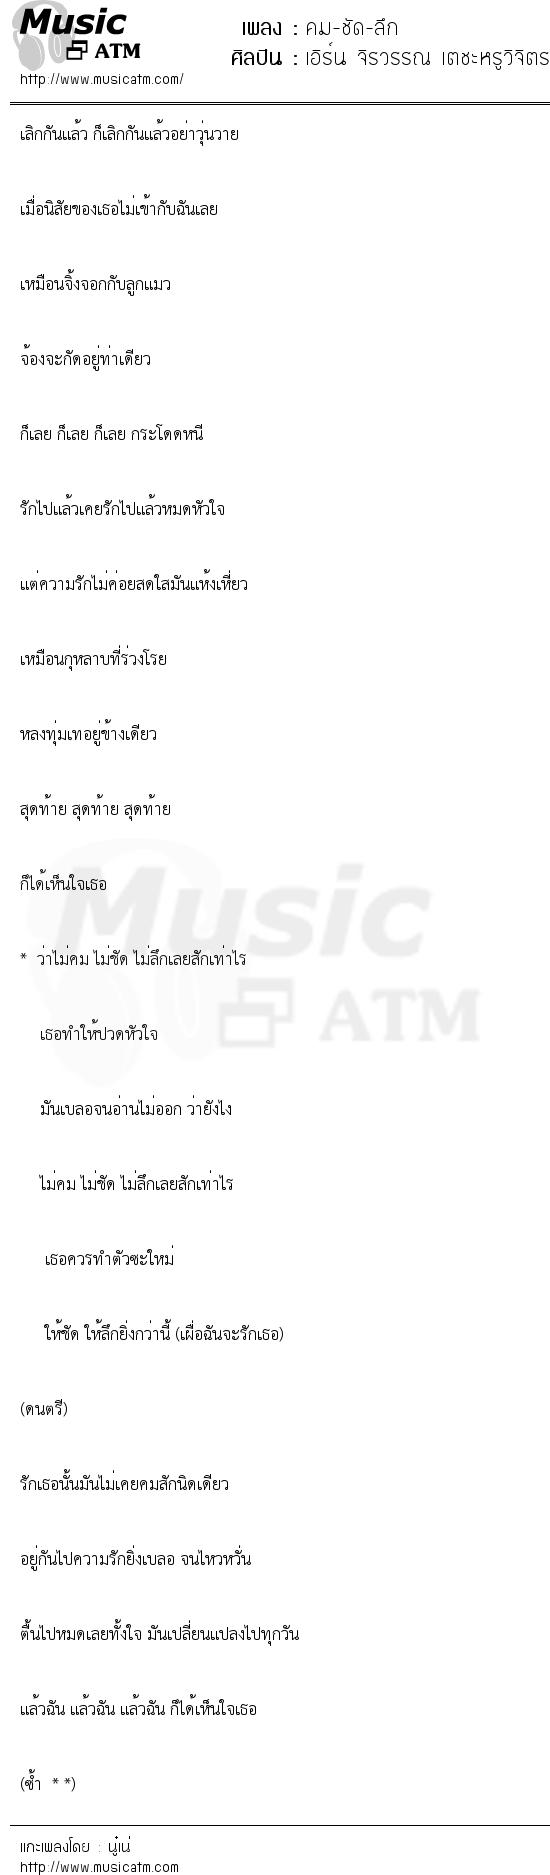 คม-ชัด-ลึก | เพลงไทย